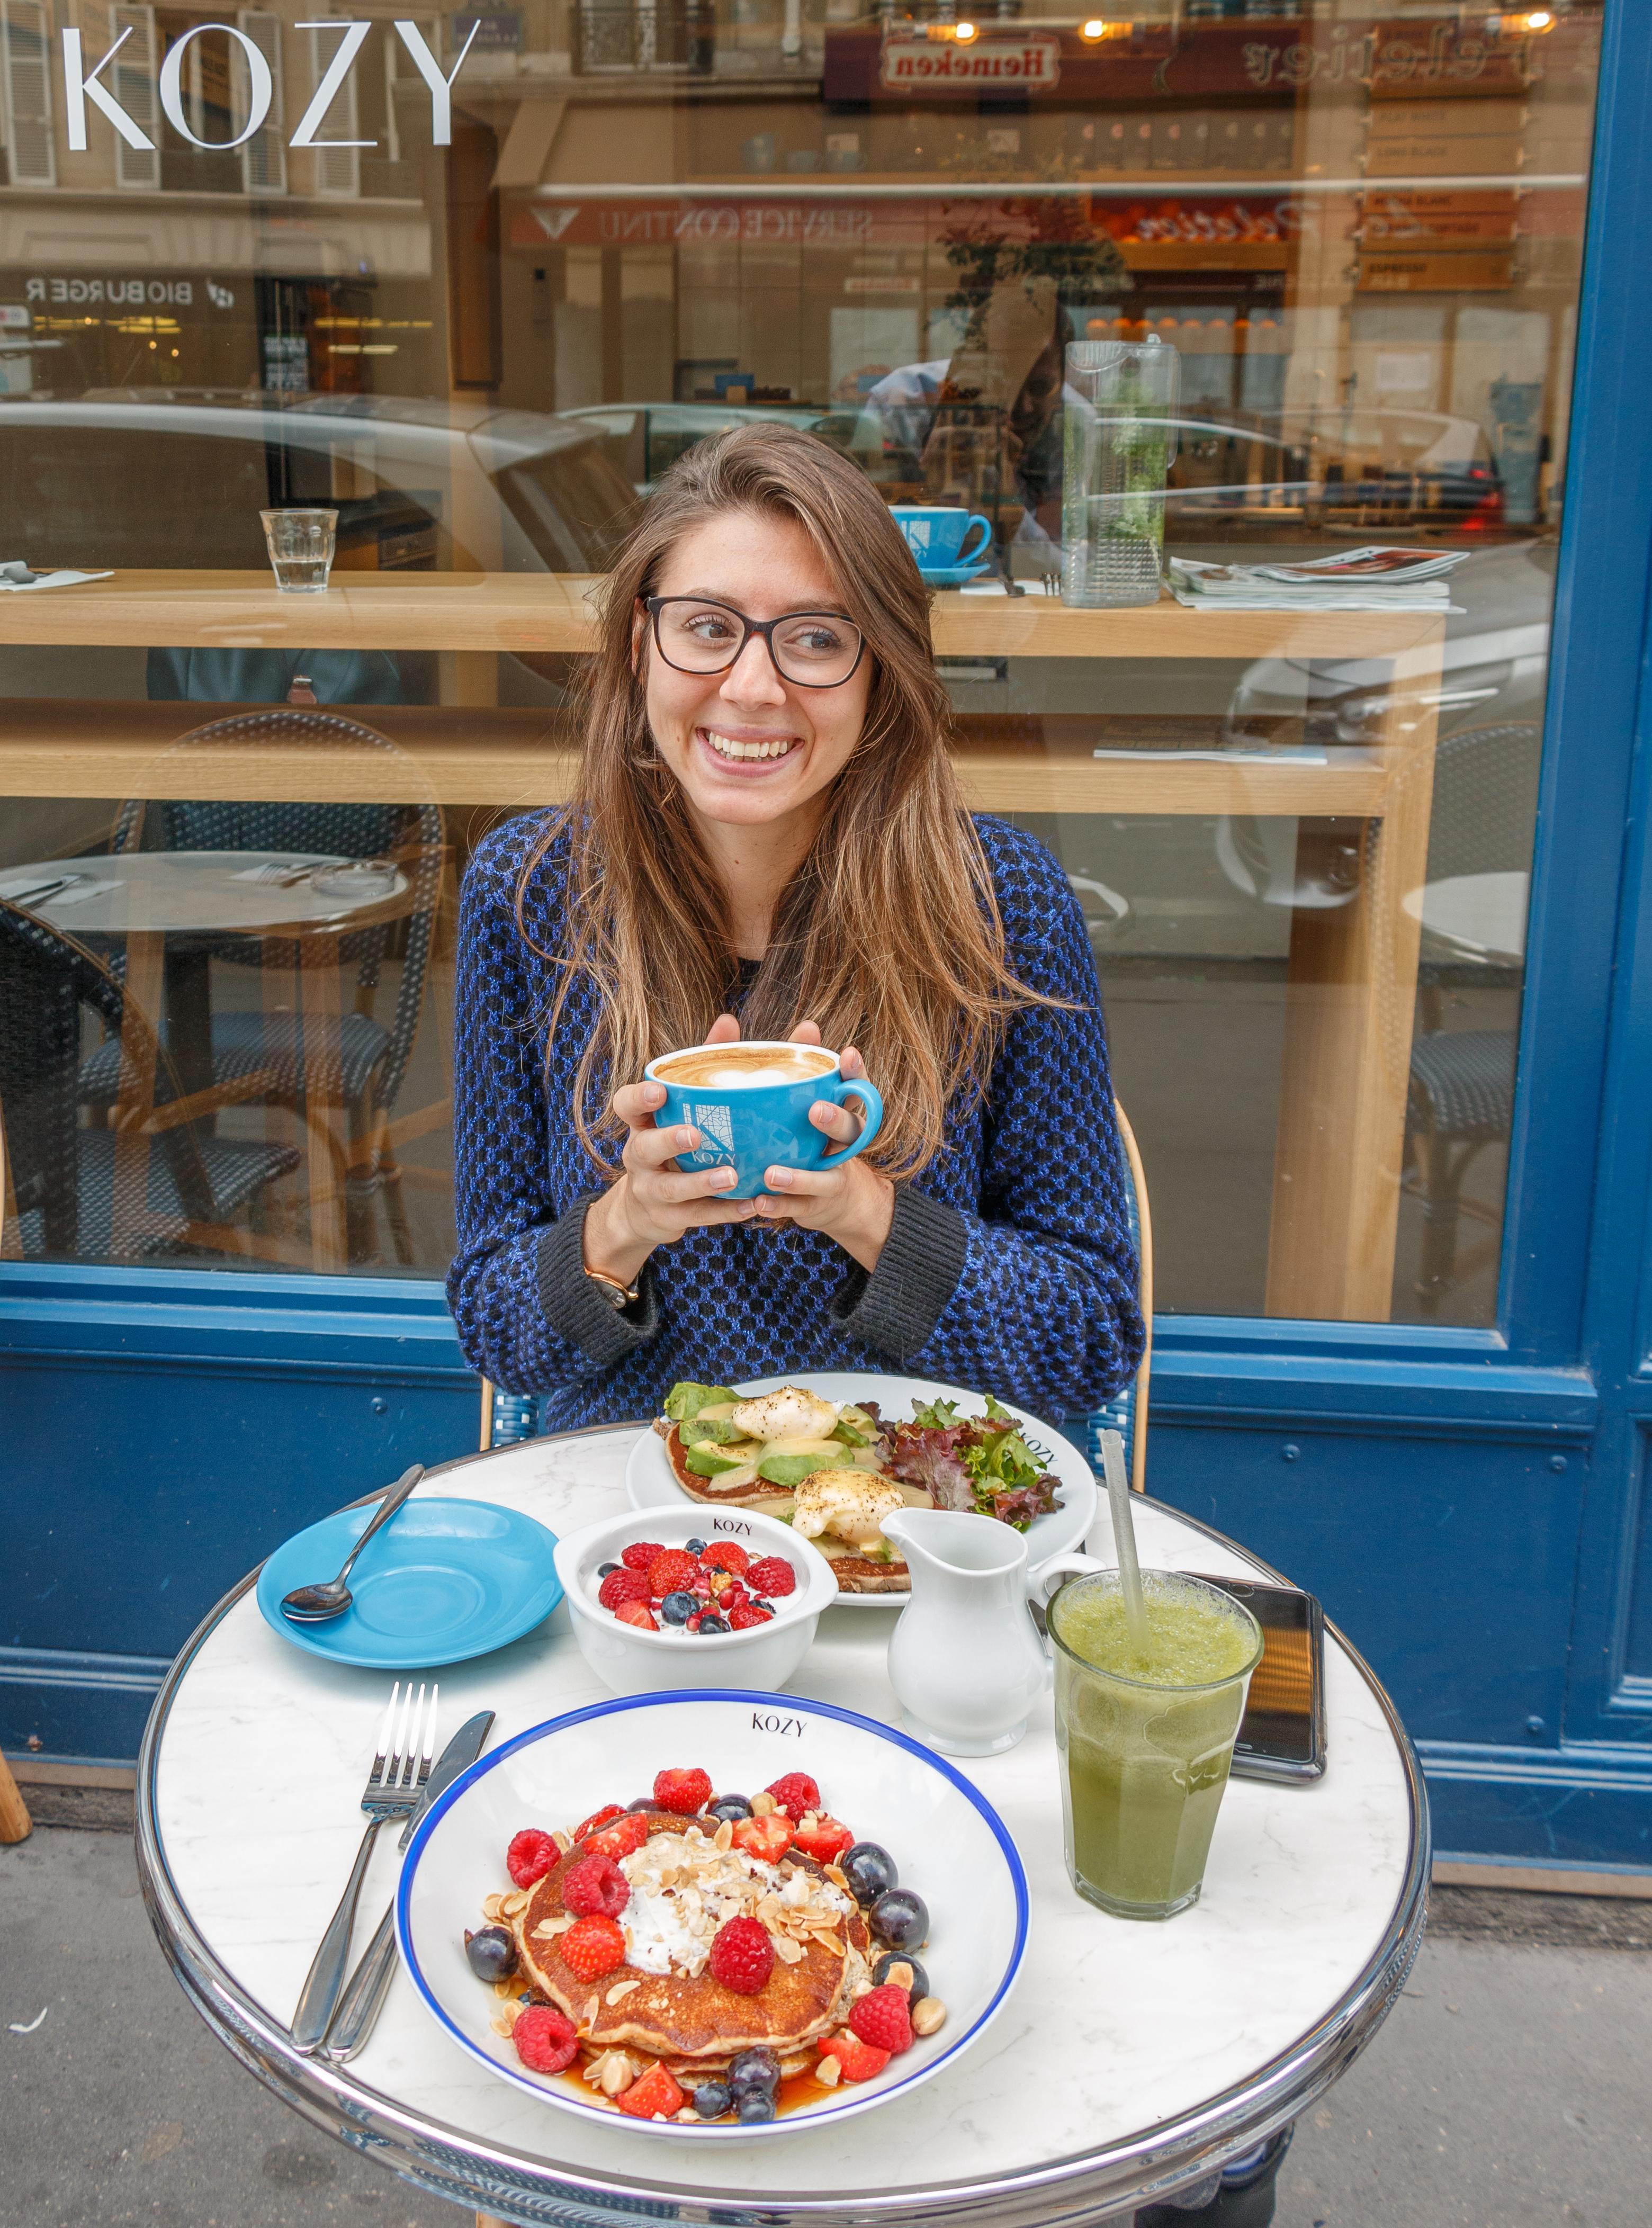 Café de spécialité Kozy Paris 9